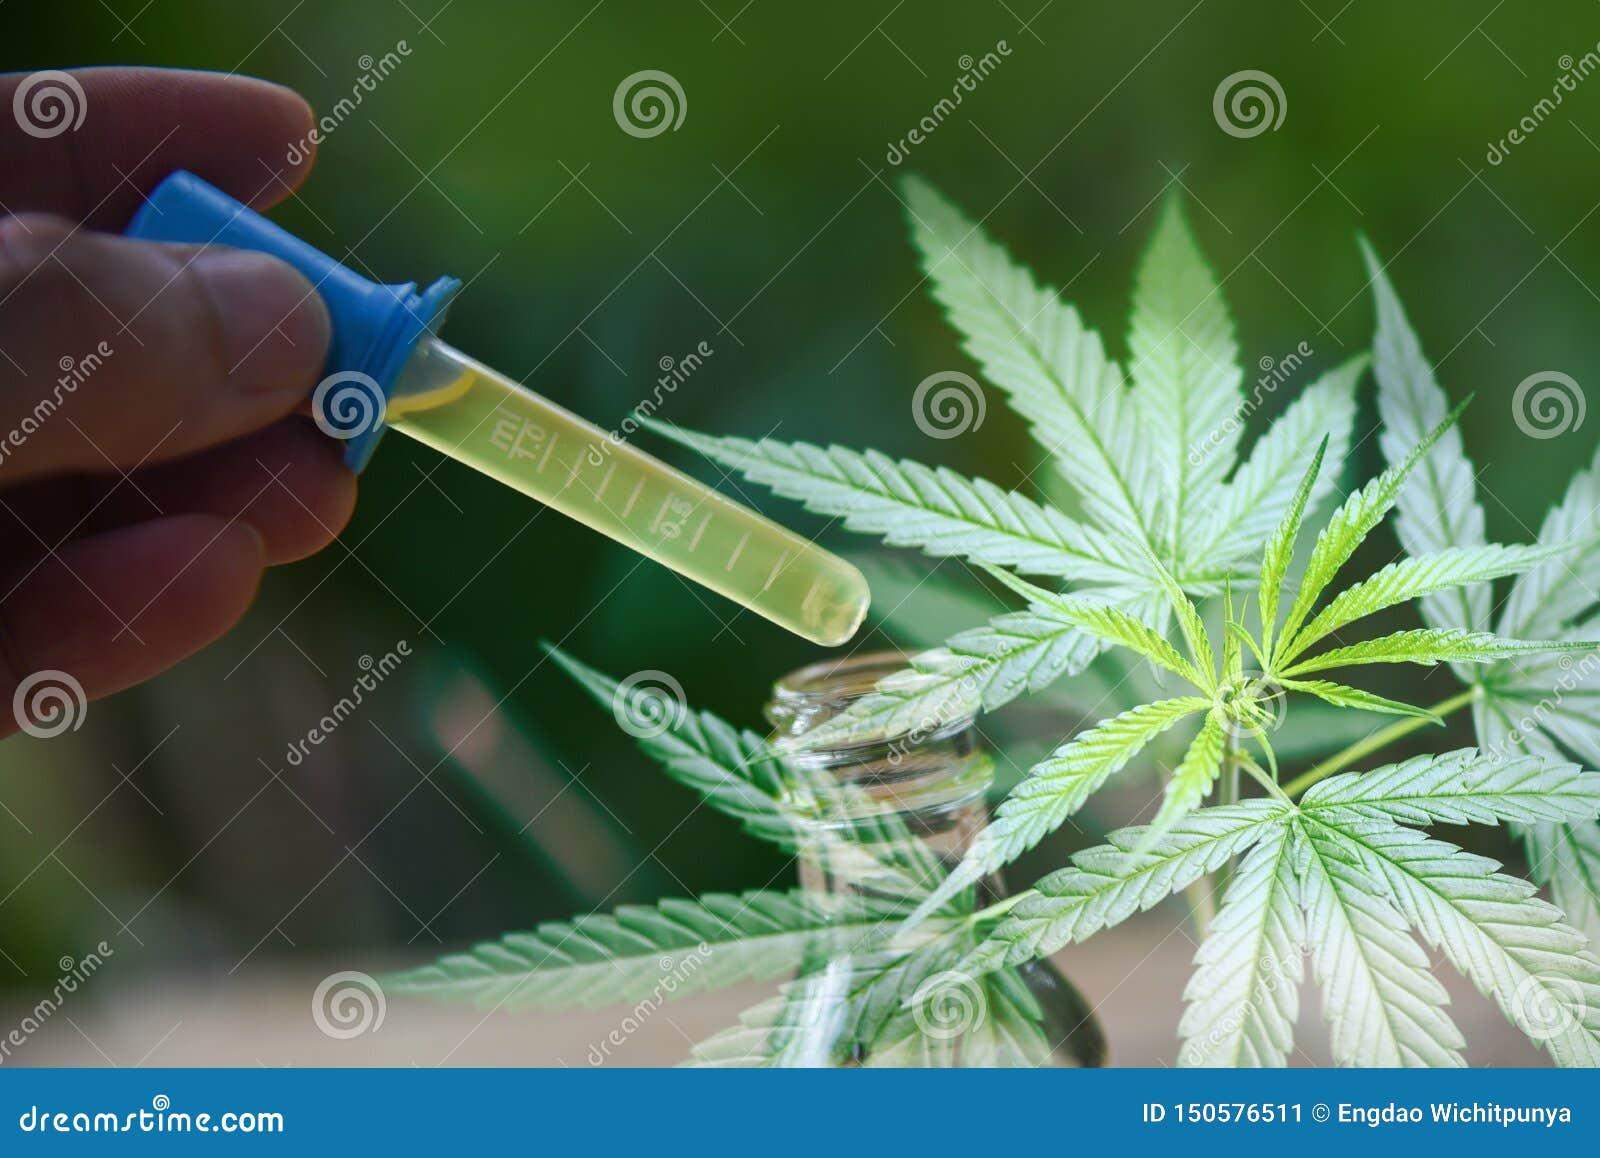 在瓶产品的大麻油- CBD从大麻叶子大麻叶子的背景/自然大麻医疗的医疗保健的油萃取物